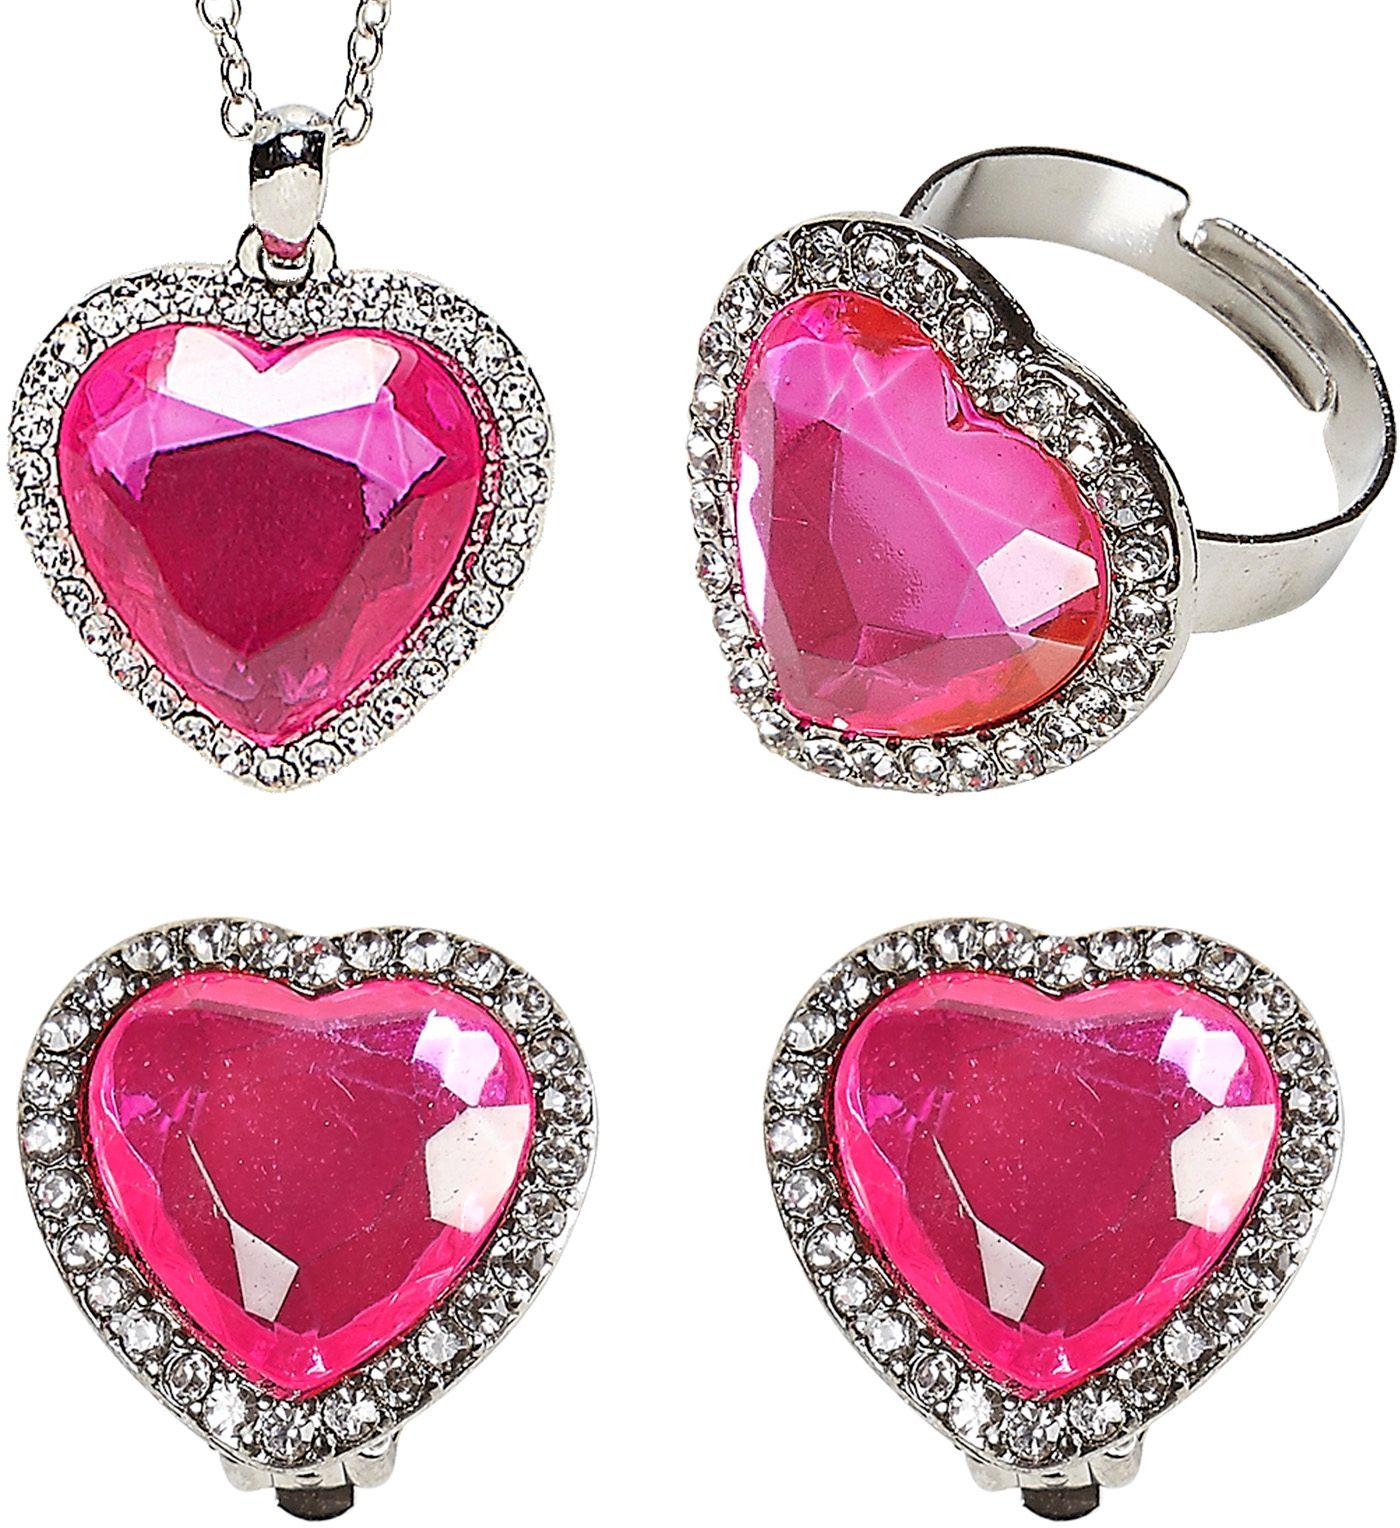 Zilveren sieraden met hartjes